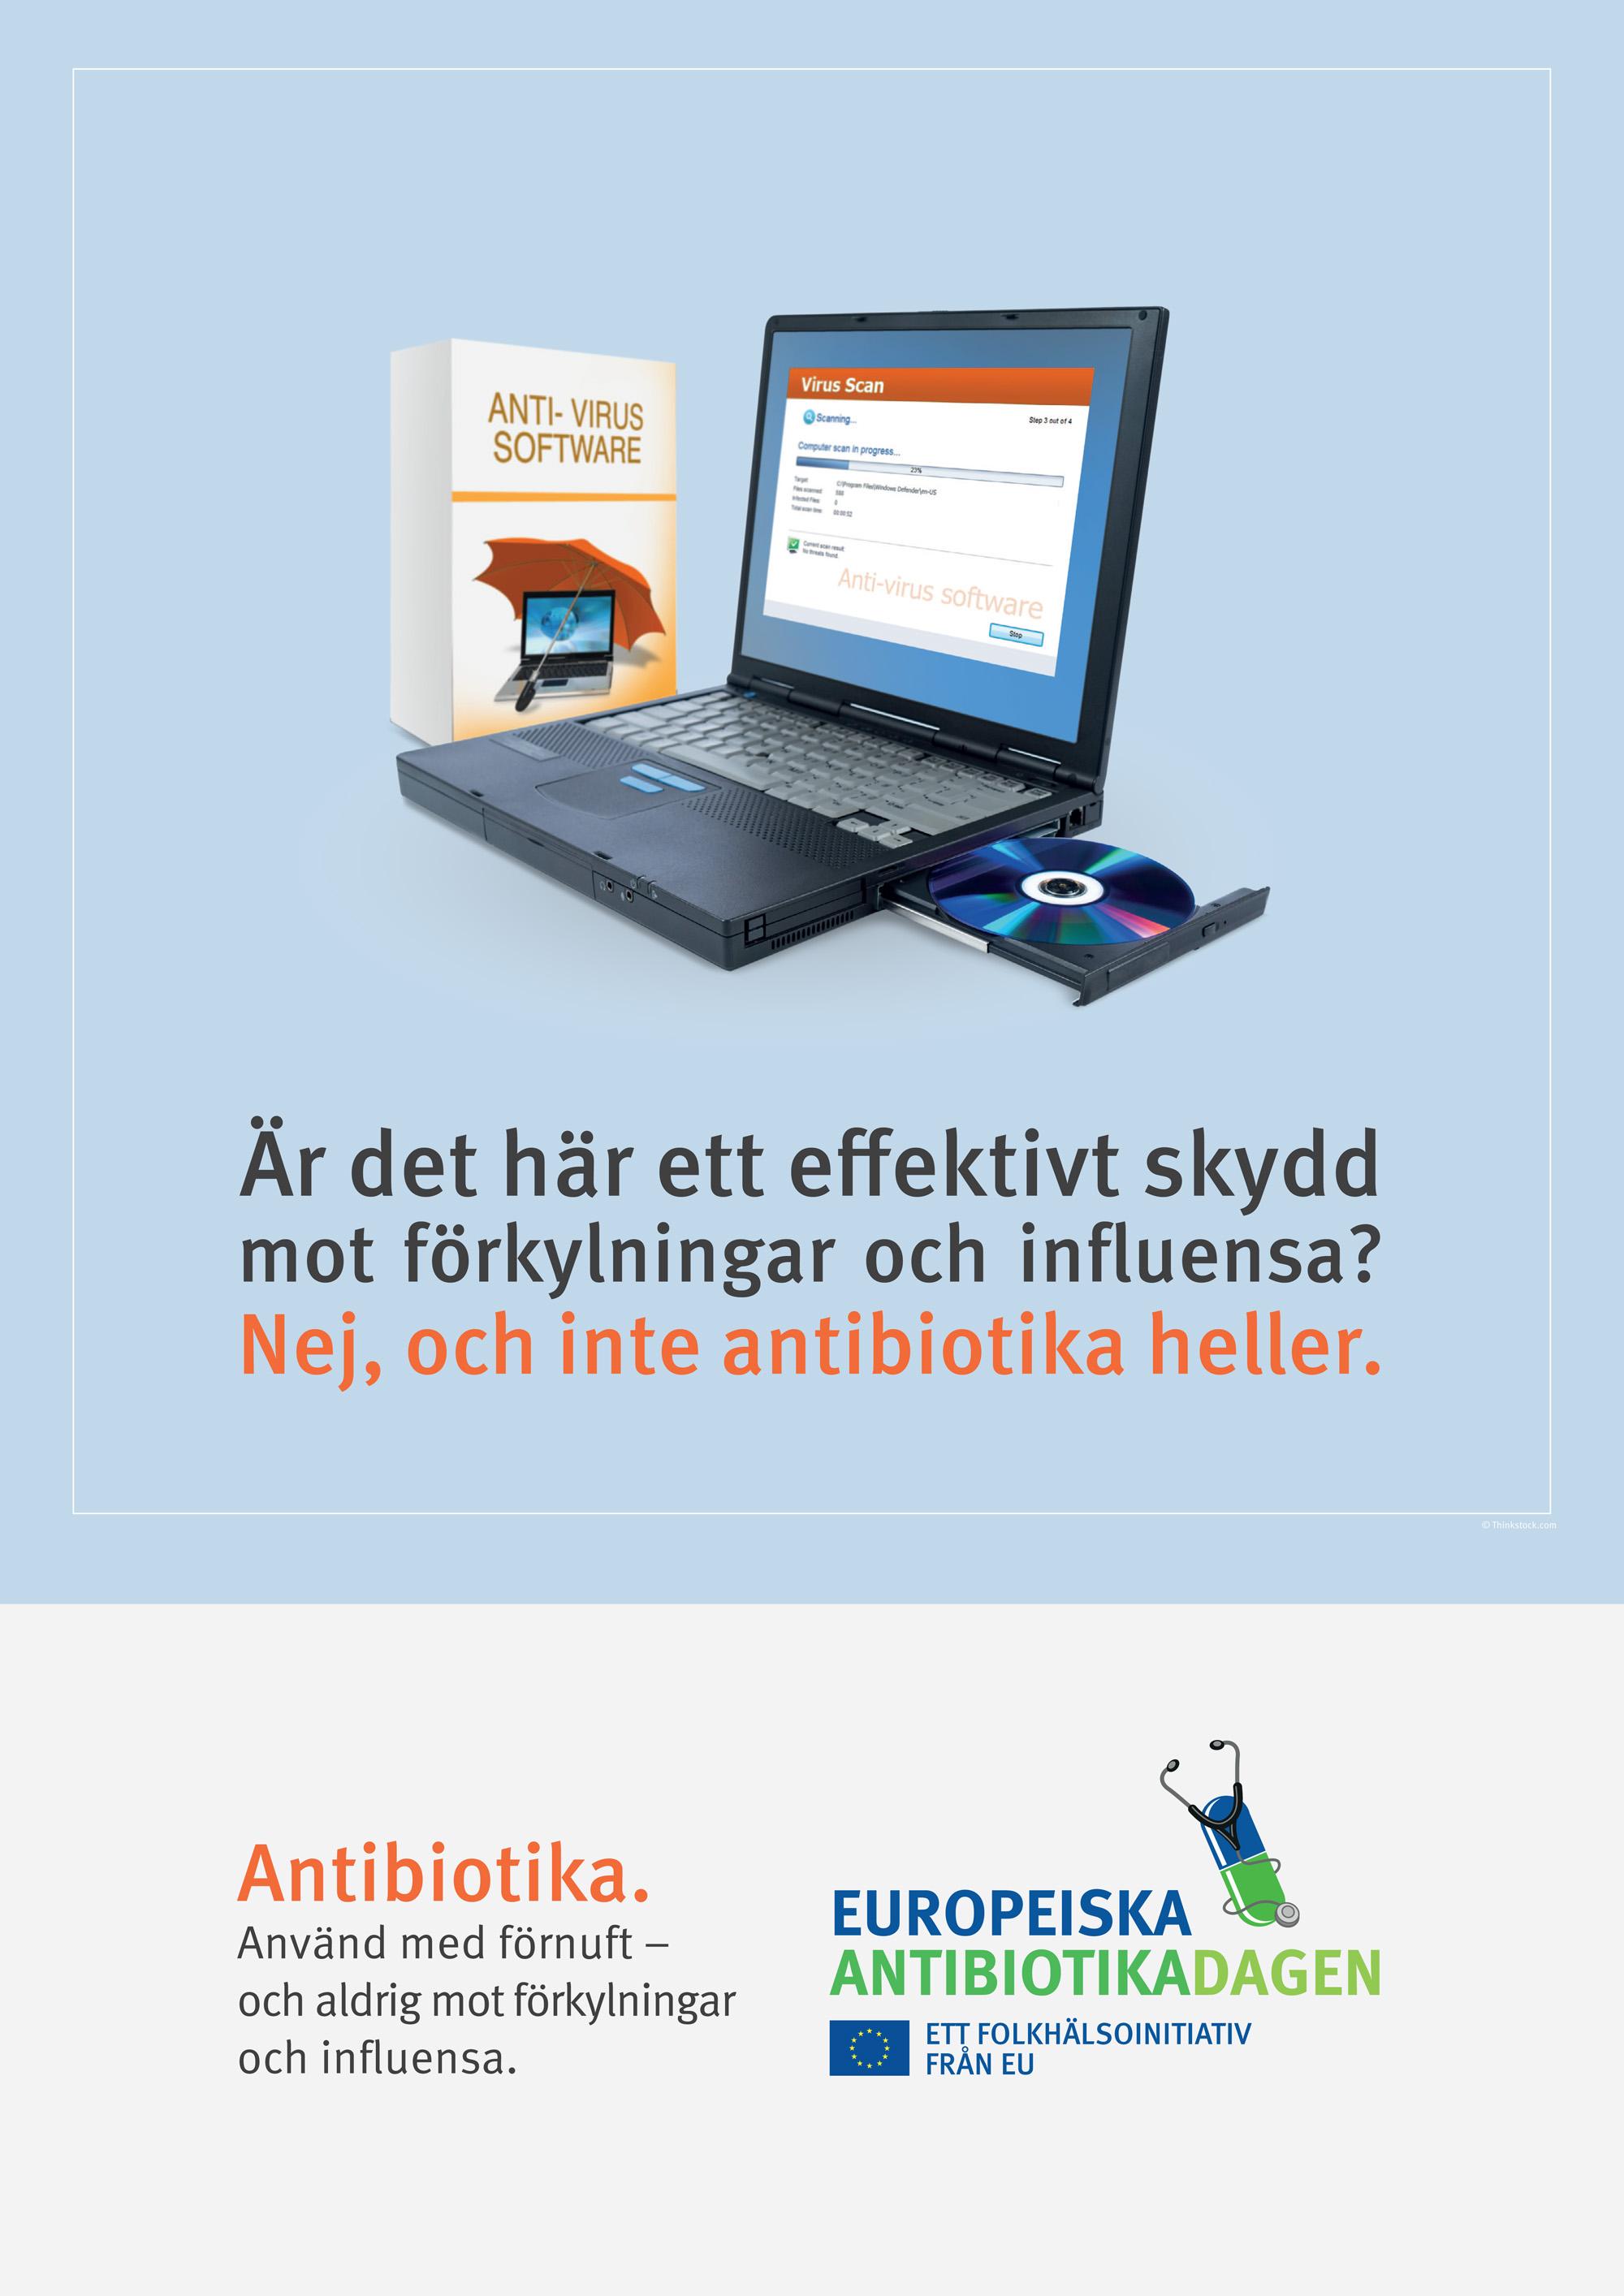 penicillin mot förkylning